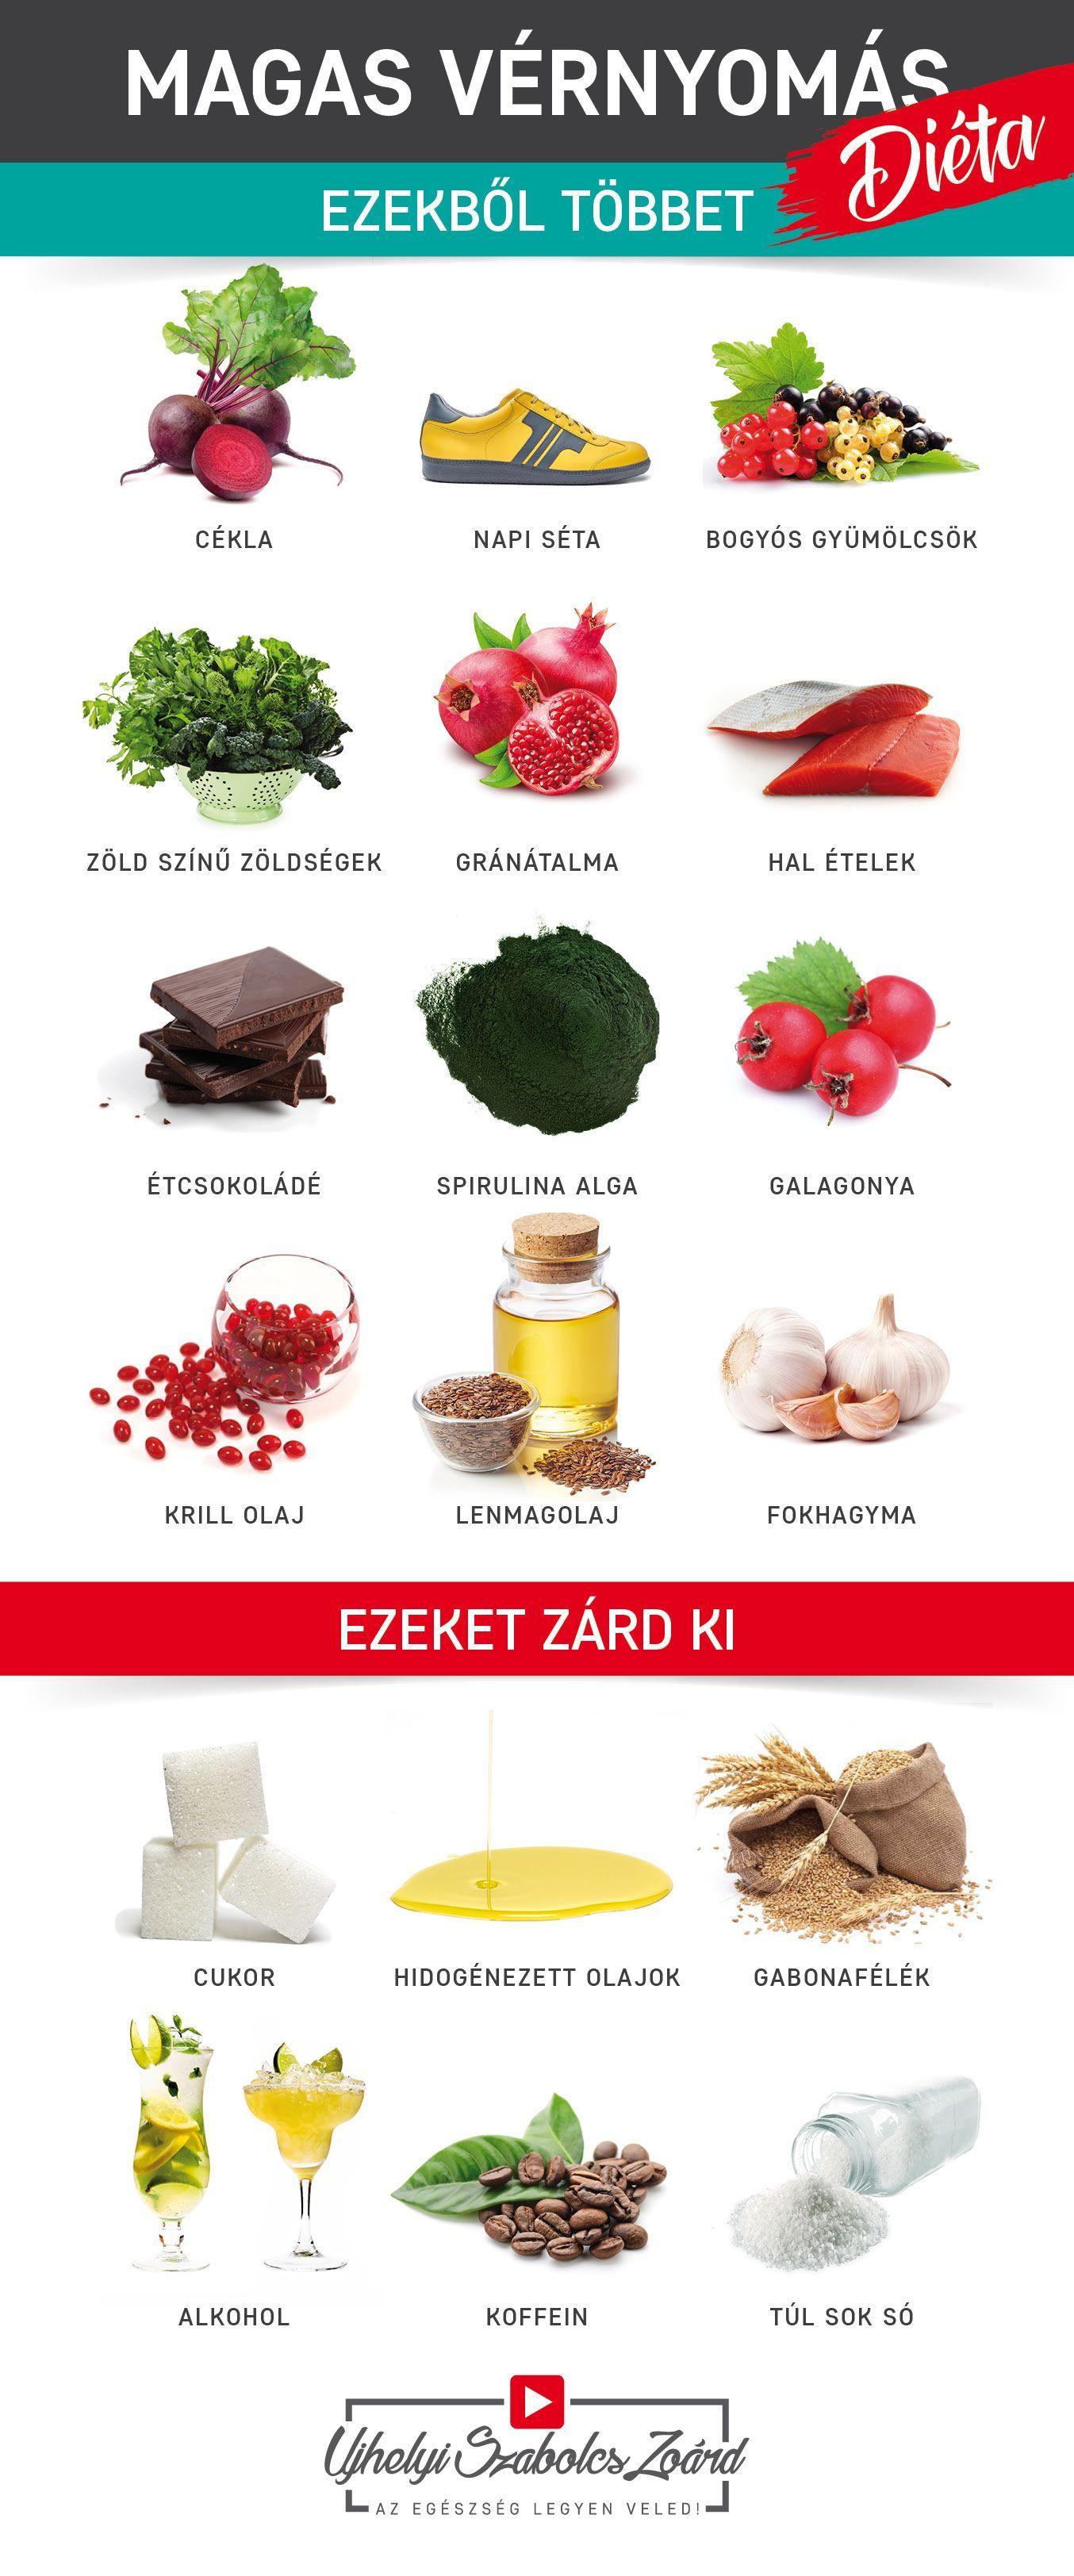 magas vérnyomás egészséges étel és nem egészséges étel lehet-e inni mentát magas vérnyomás esetén